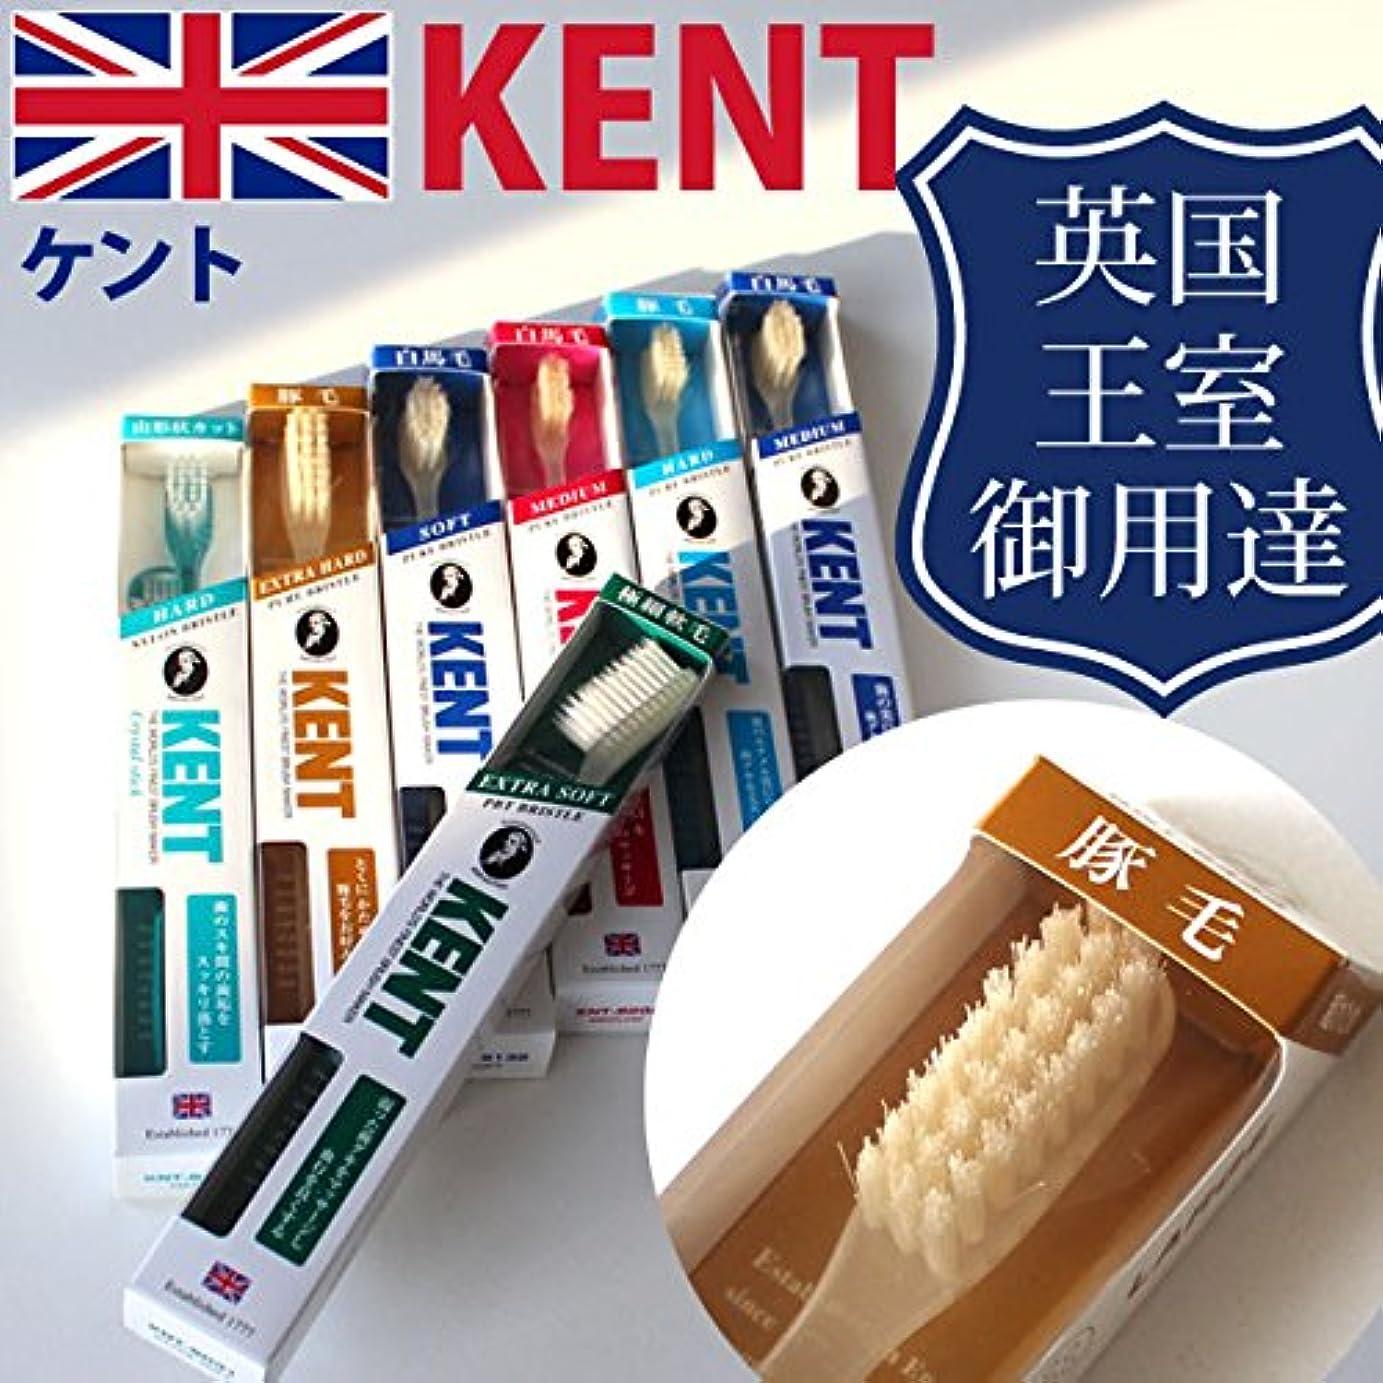 ハンマー略す女の子ケント KENT 豚毛 コンパクト 歯ブラシKNT-9233/9833単品108 ふつう